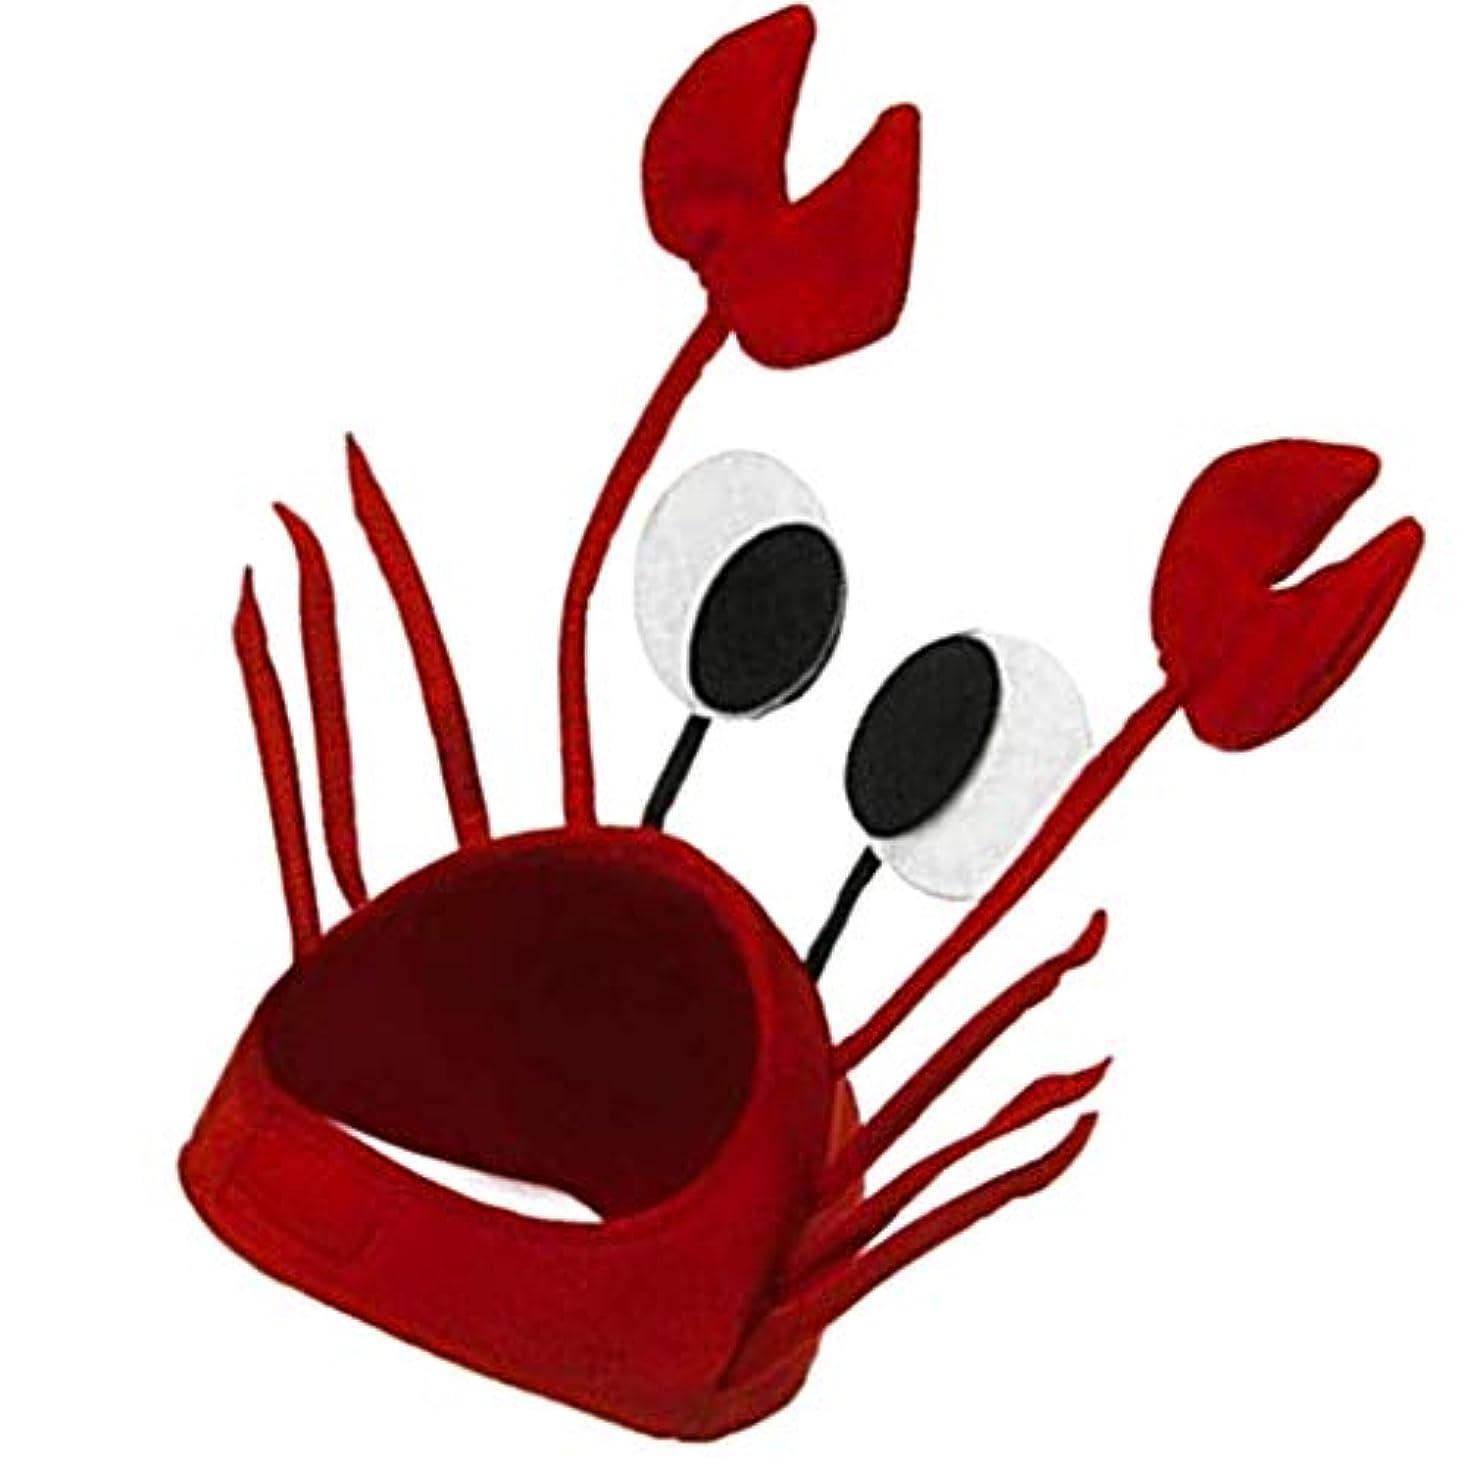 記者バックグラウンドワームKOROWA 女の子 カニハット 幼稚園ボーイズ 子供の日 ビーニーキャップ おかしい 休日の小道具 クリスマスのギフト